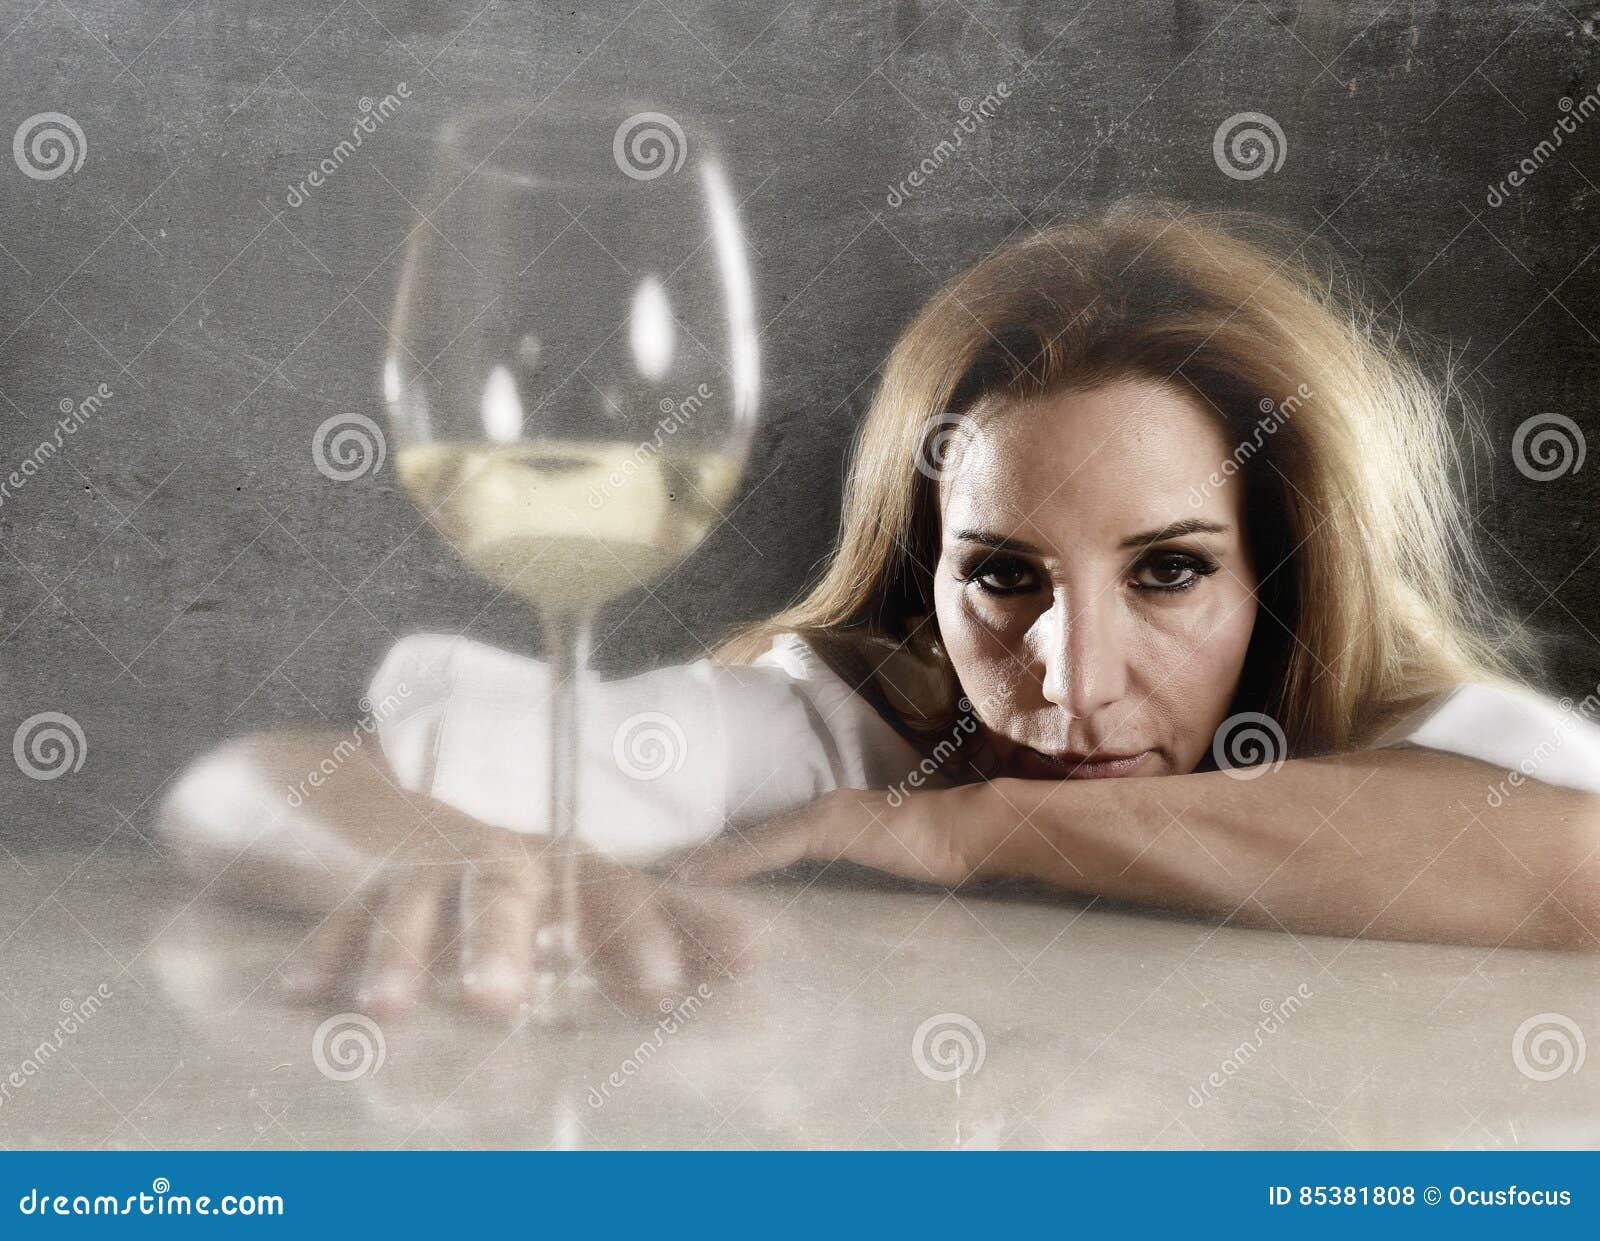 La donna alcolica sprecata ha diminuito sembrare premurosa con il vetro di vino bianco